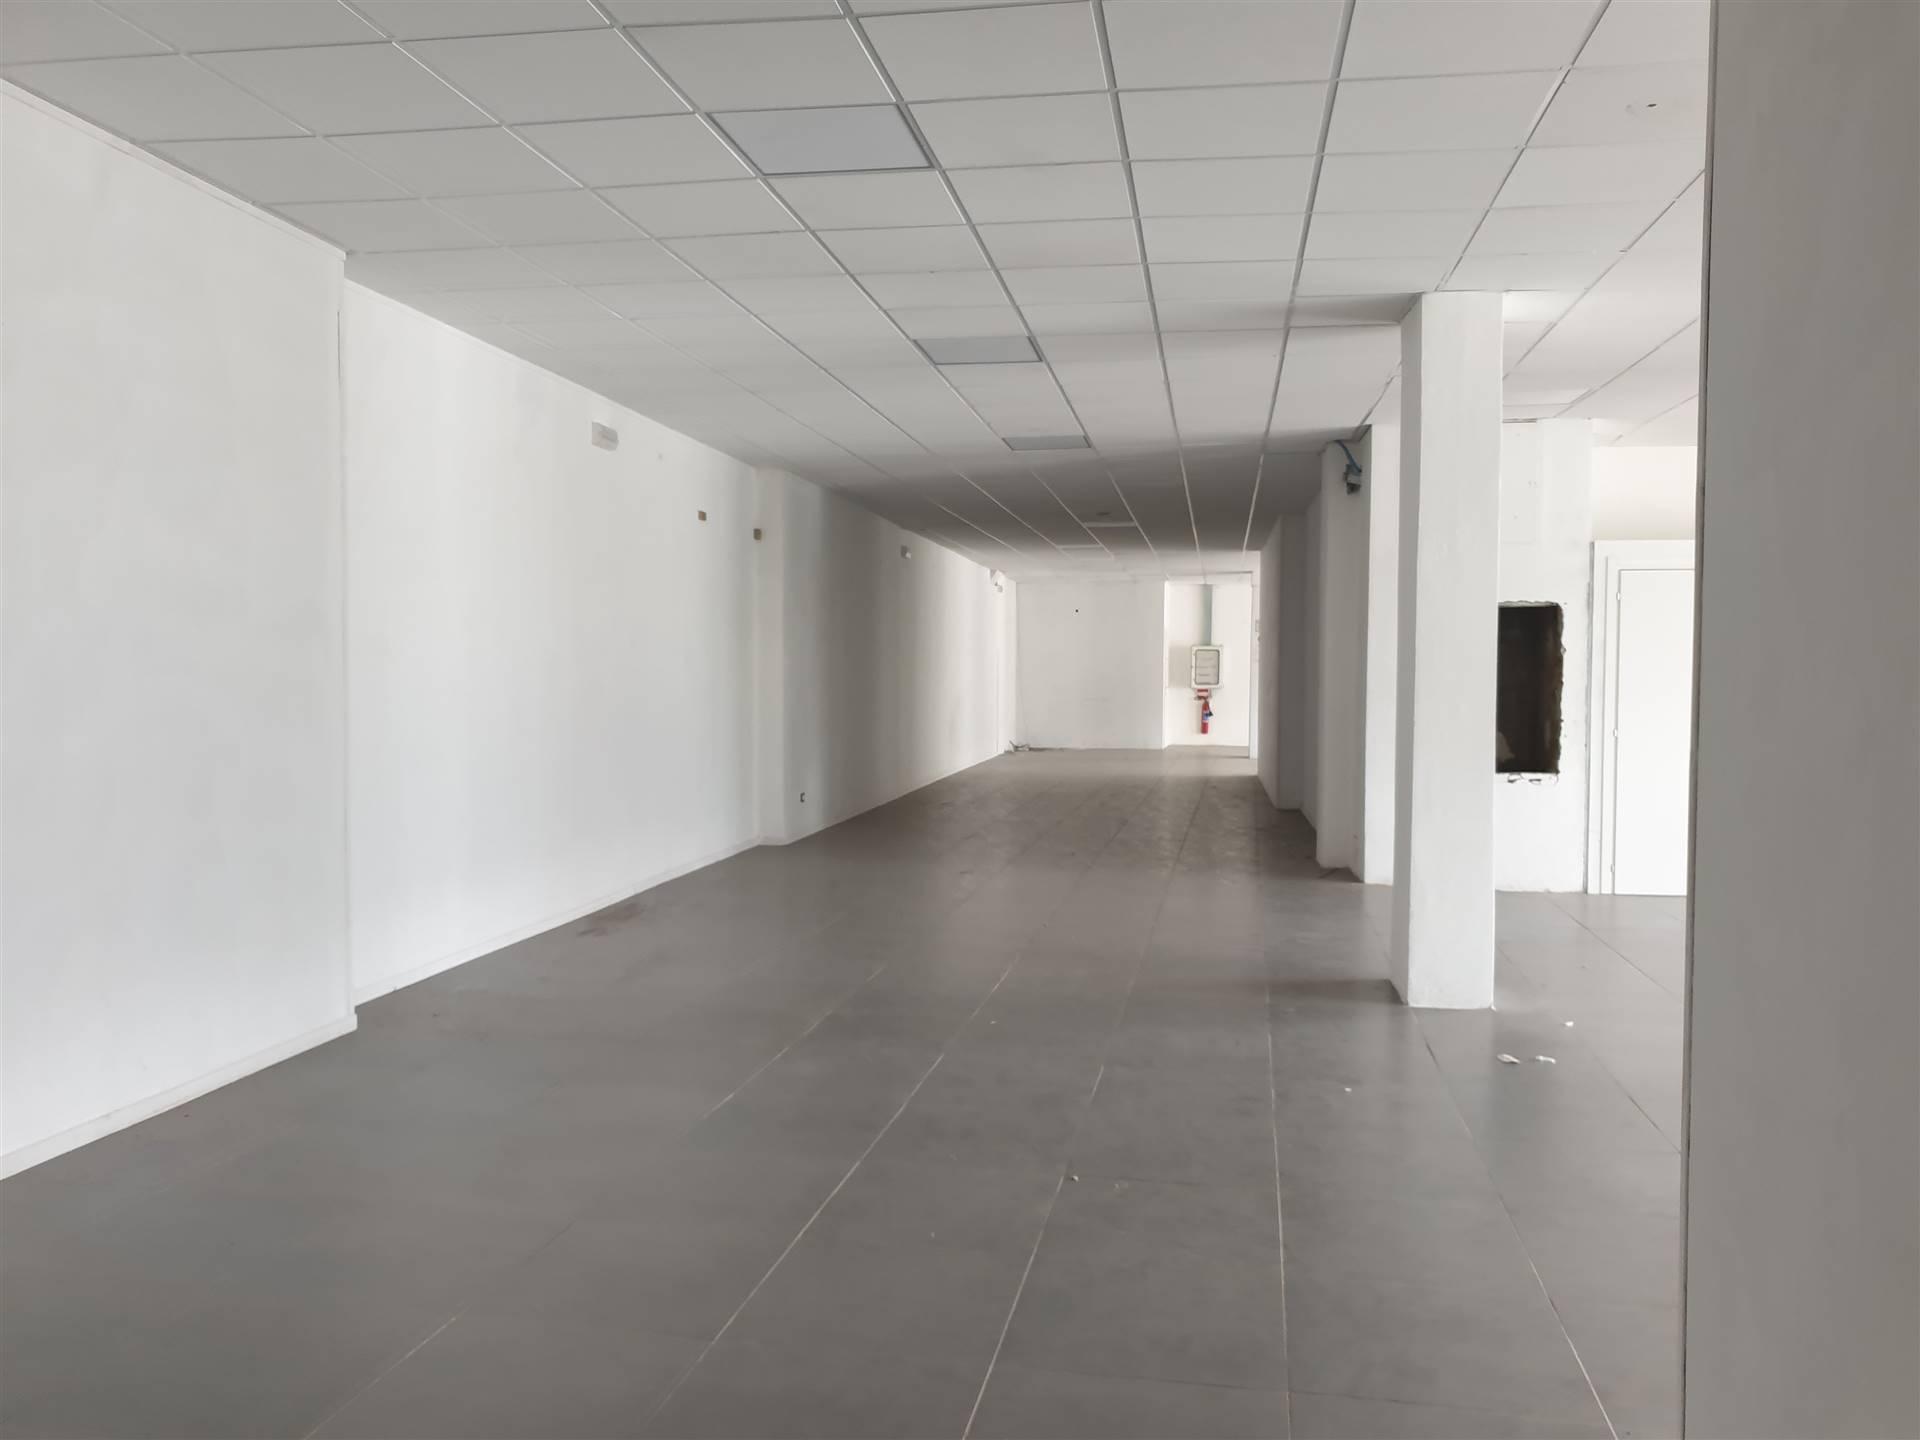 Prato, proponiamo, in posizione dotata di altissima visibilità, fondo commerciale avente superficie di 390 mq. Negozio in buone condizioni e dotato